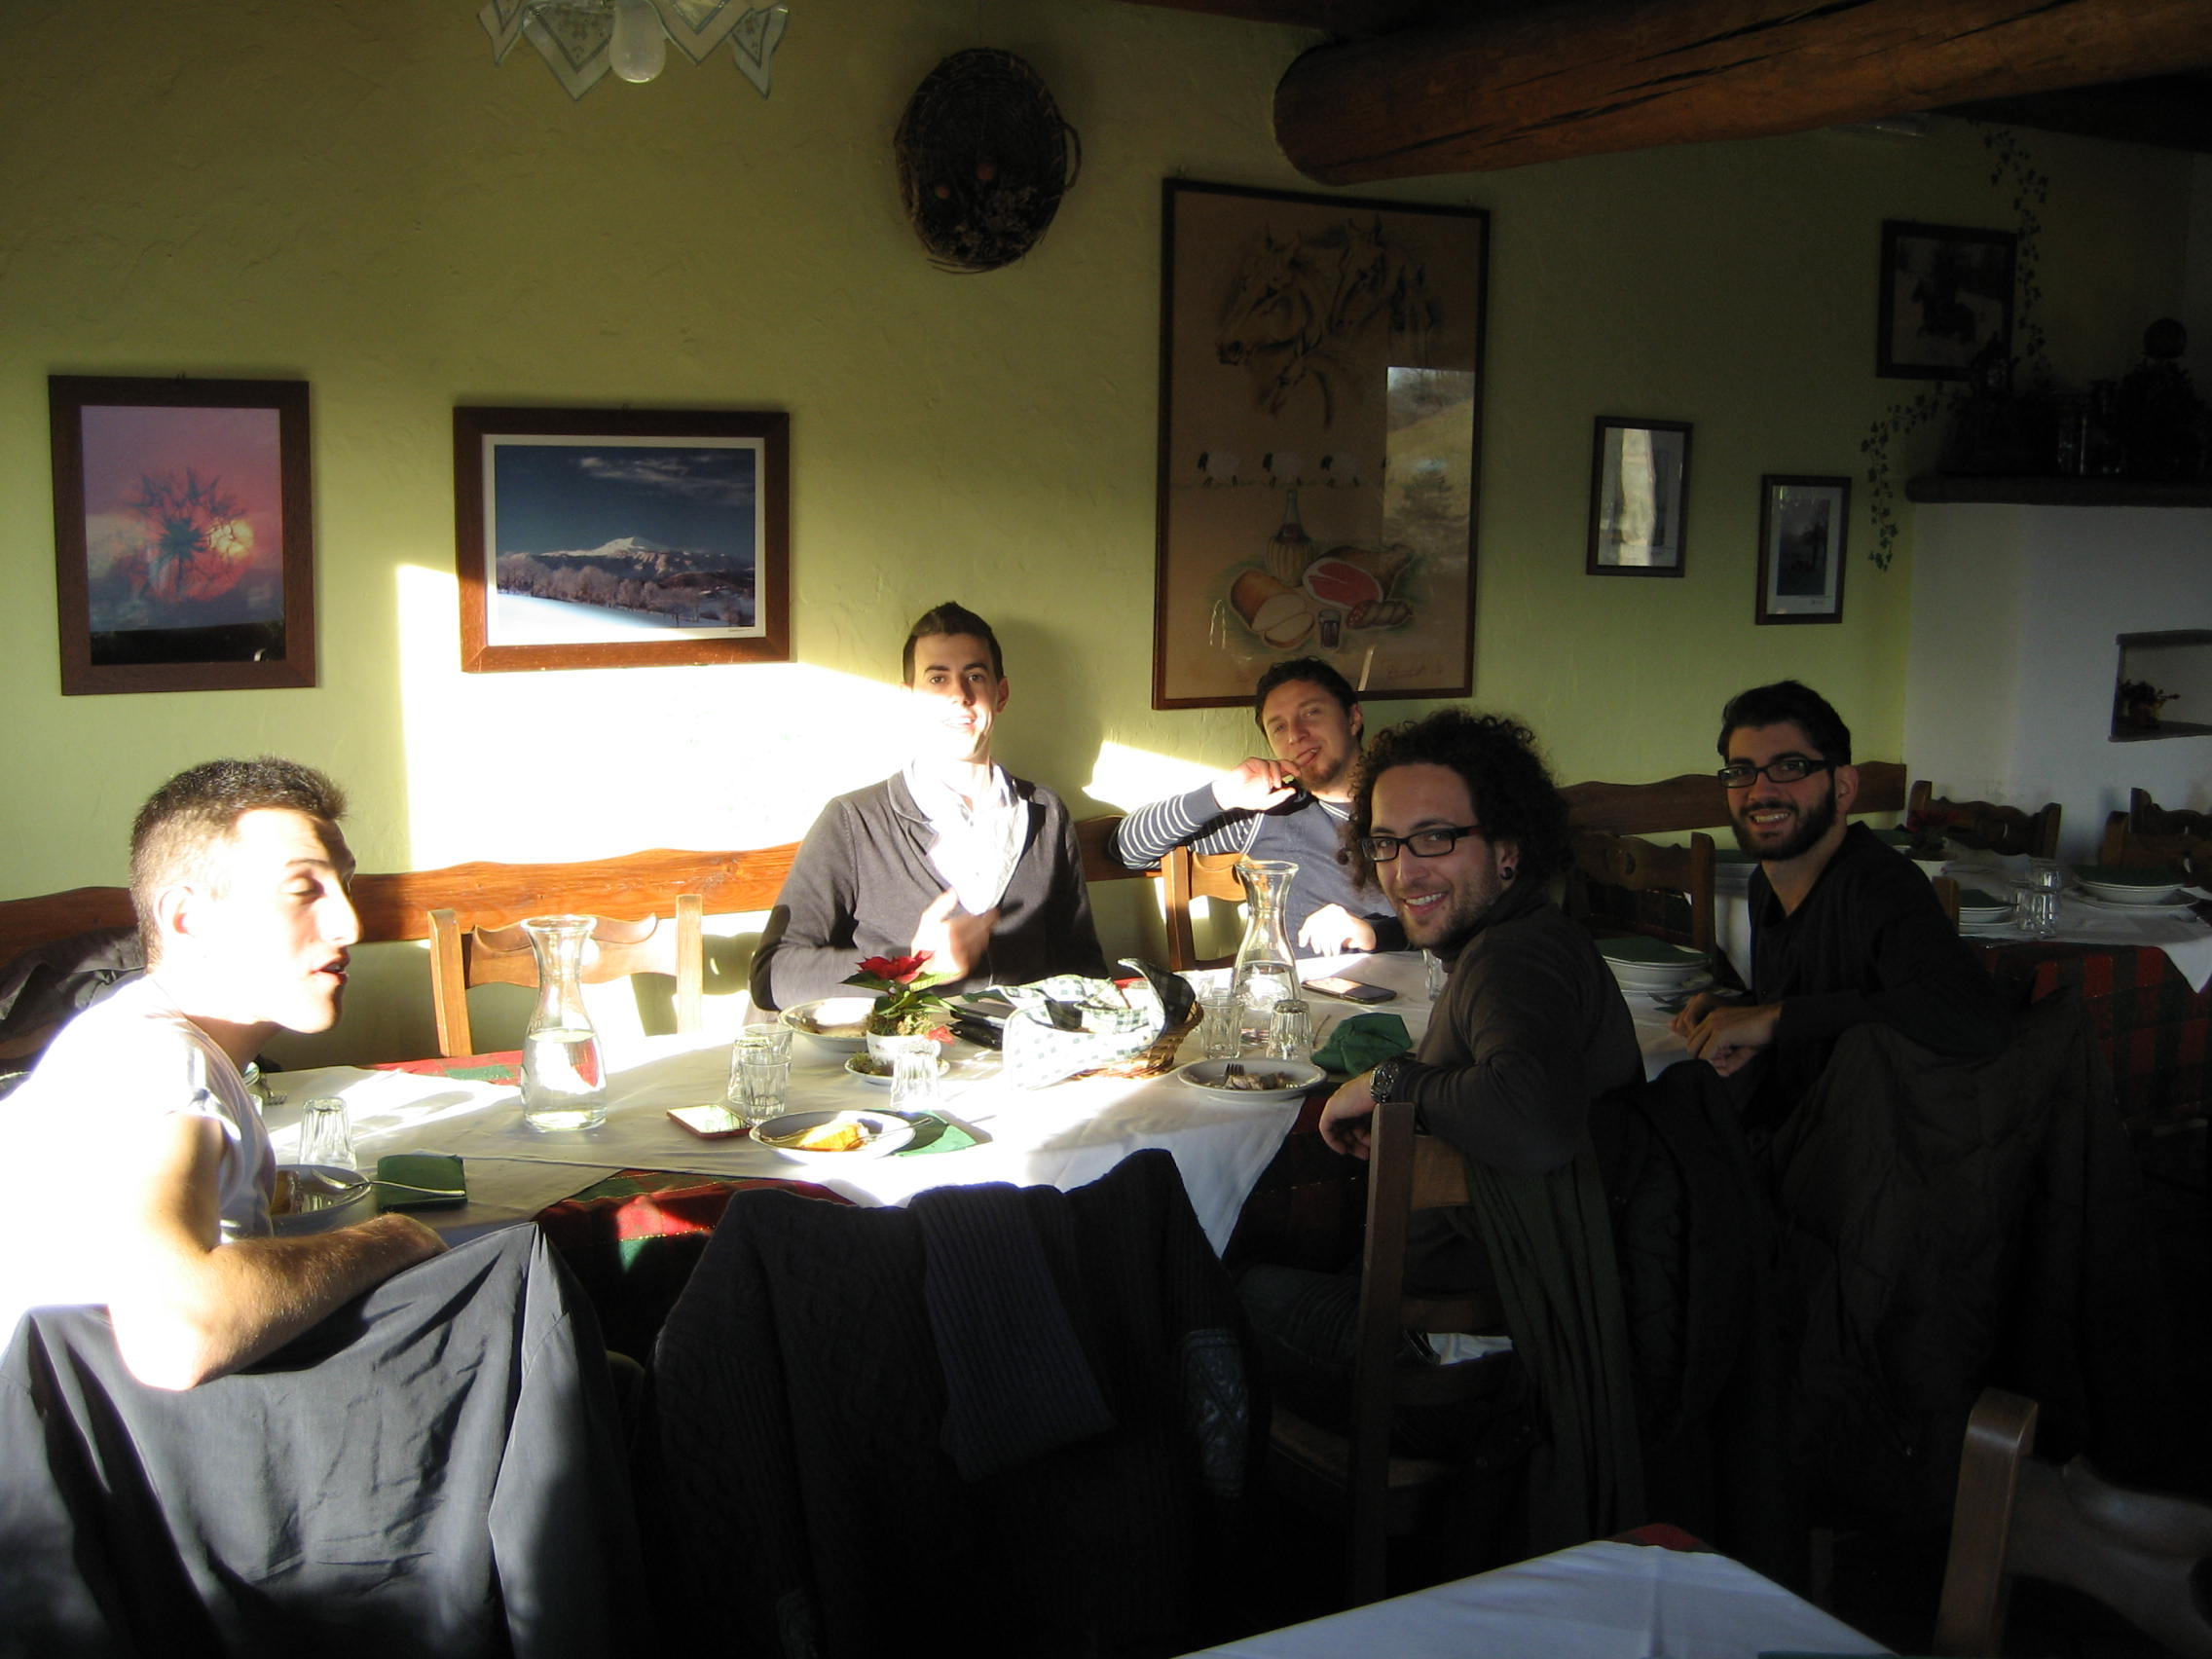 Raduno Natalizio Emiliano, Mantovano e Basso Veneto (e chiunque voglia unirsi): Sabato 20 Dicembre?-img_7801.jpg